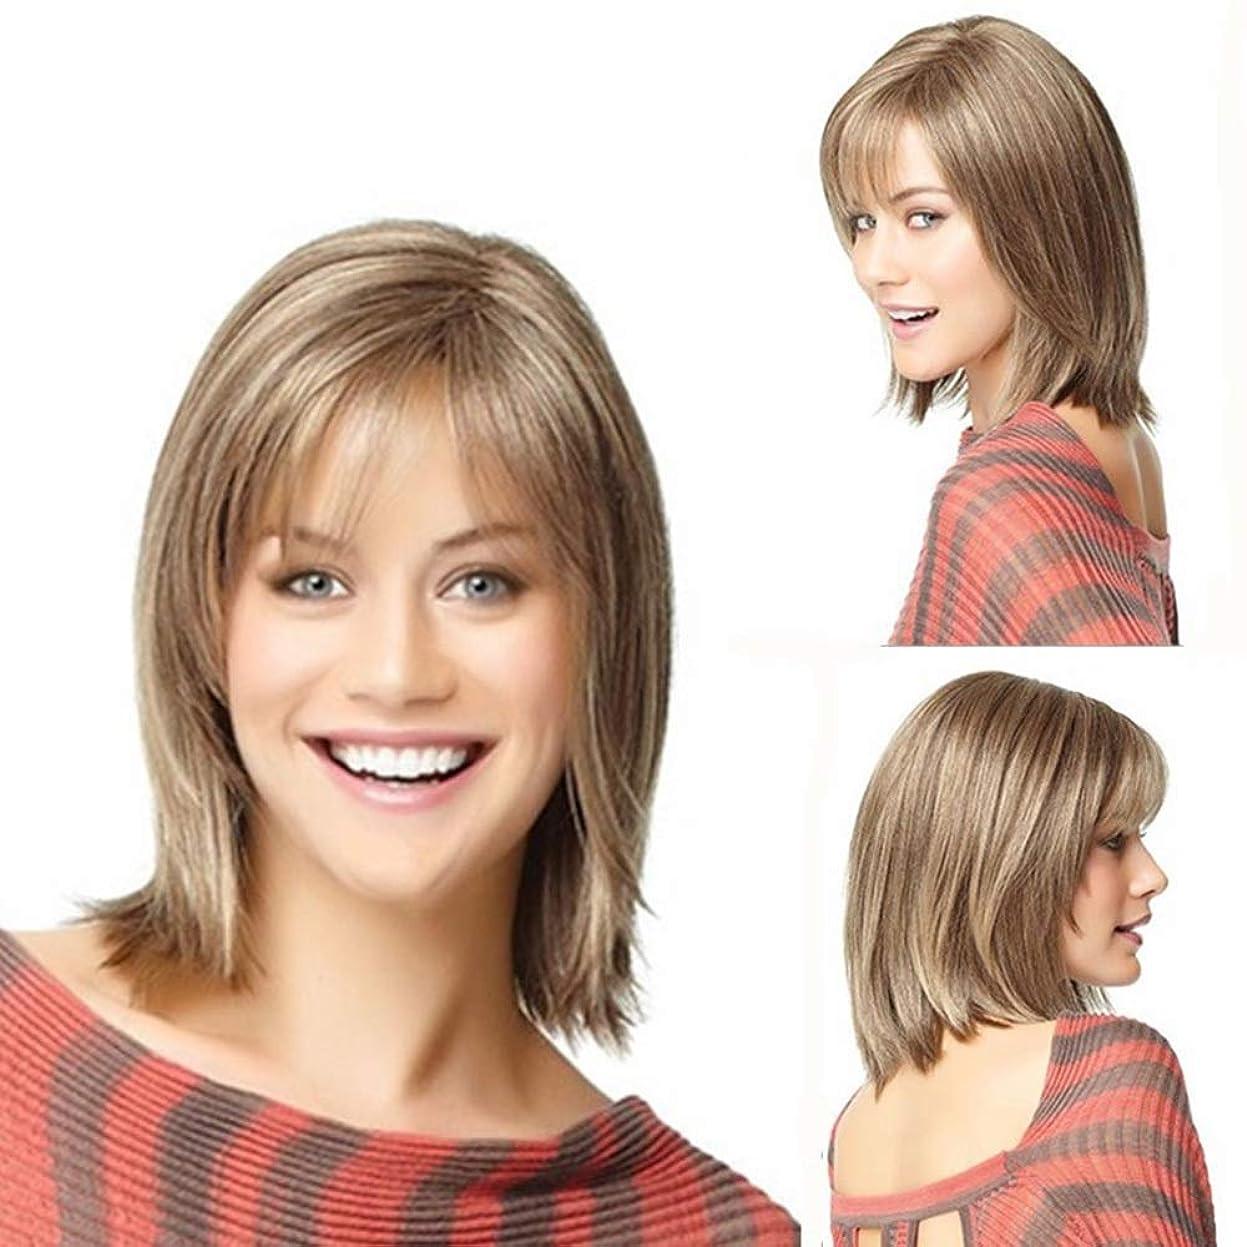 広告干渉一貫性のないWASAIO 女性のショートカーリーウィッグブロンド前髪付きストレートボブストレートヘア (色 : Blonde)